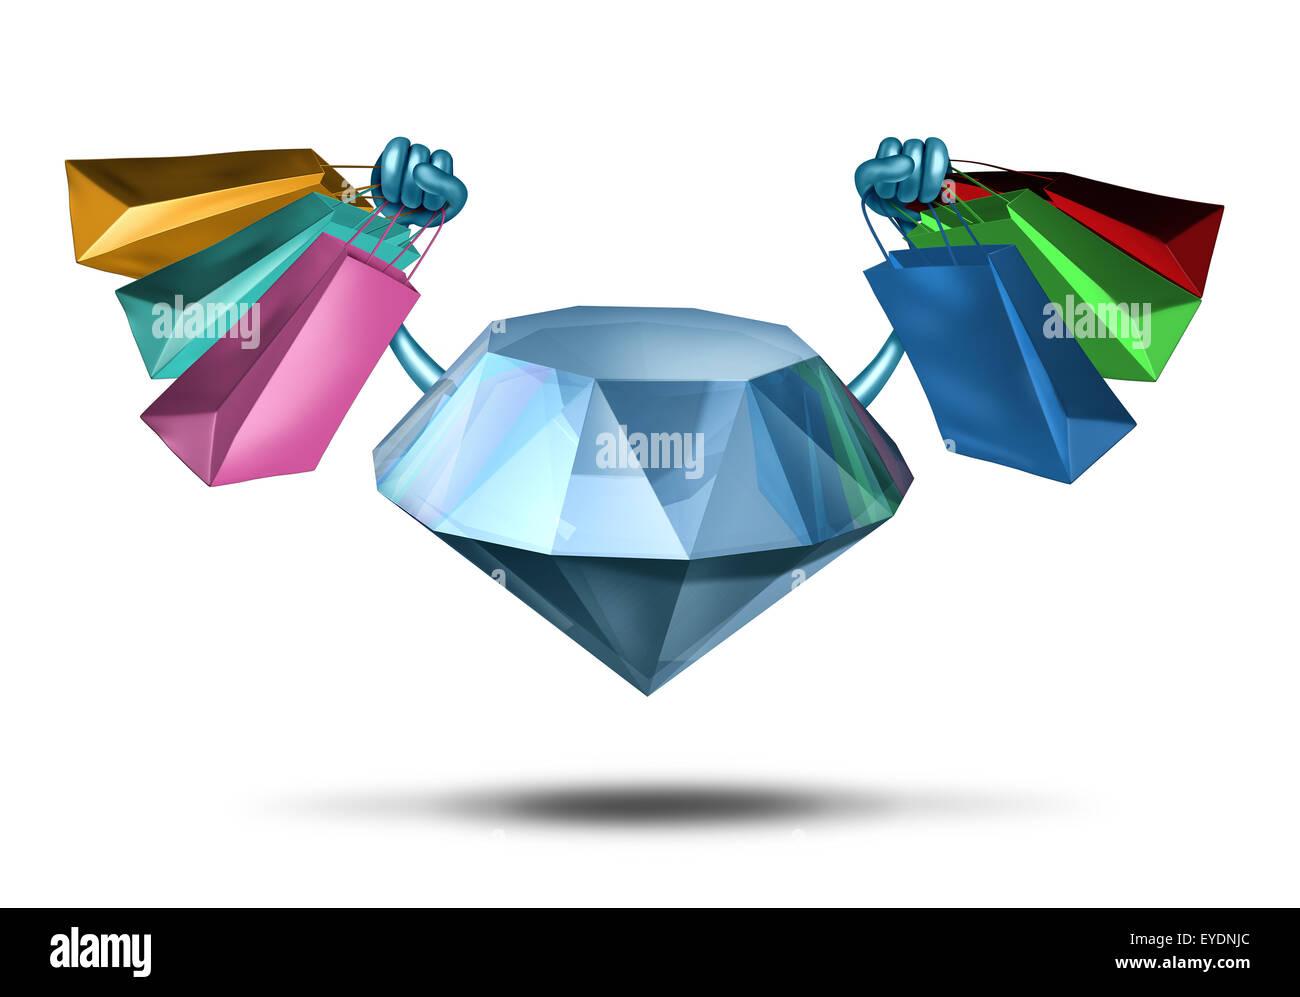 Luxus shopping und hoch Leben Premium-Einkaufsservice als Diamant Charakter hält eine Gruppe von Shoppingbags Stockbild